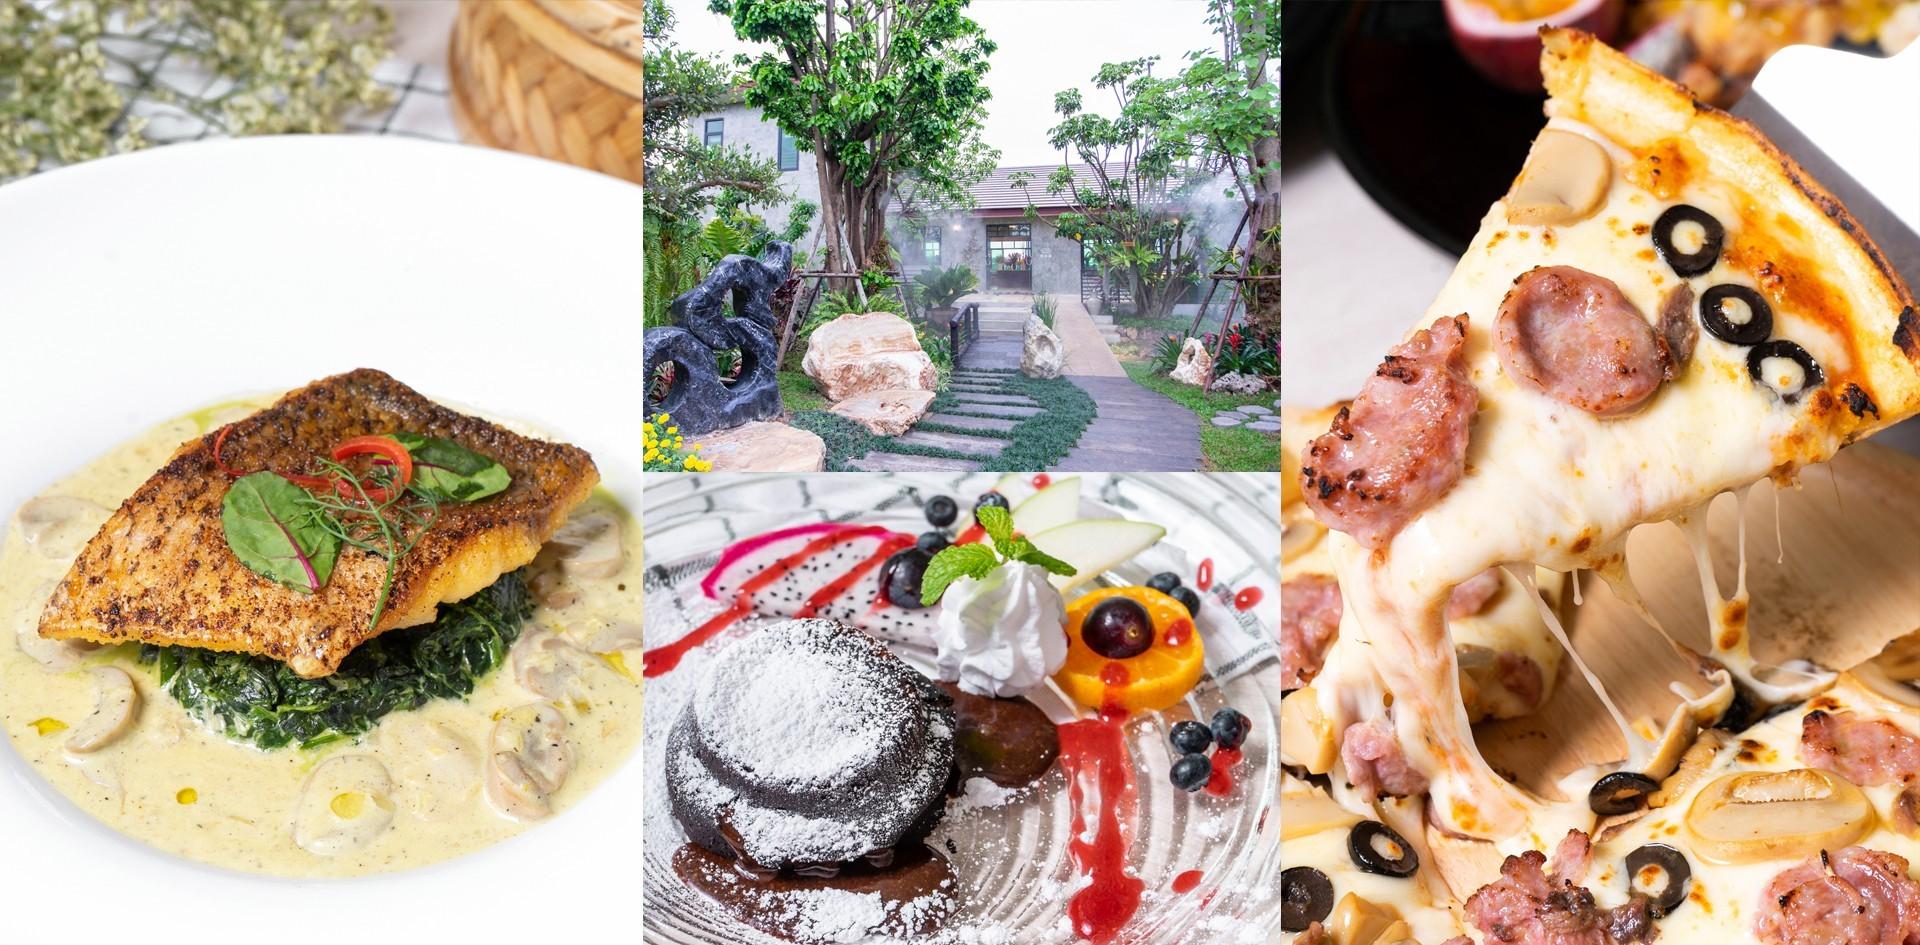 [รีวิว] ภูไพรพรรณ ร้านอาหารบรรยากาศดีเชียงใหม่ ในสวนสวยราวเทพนิยาย